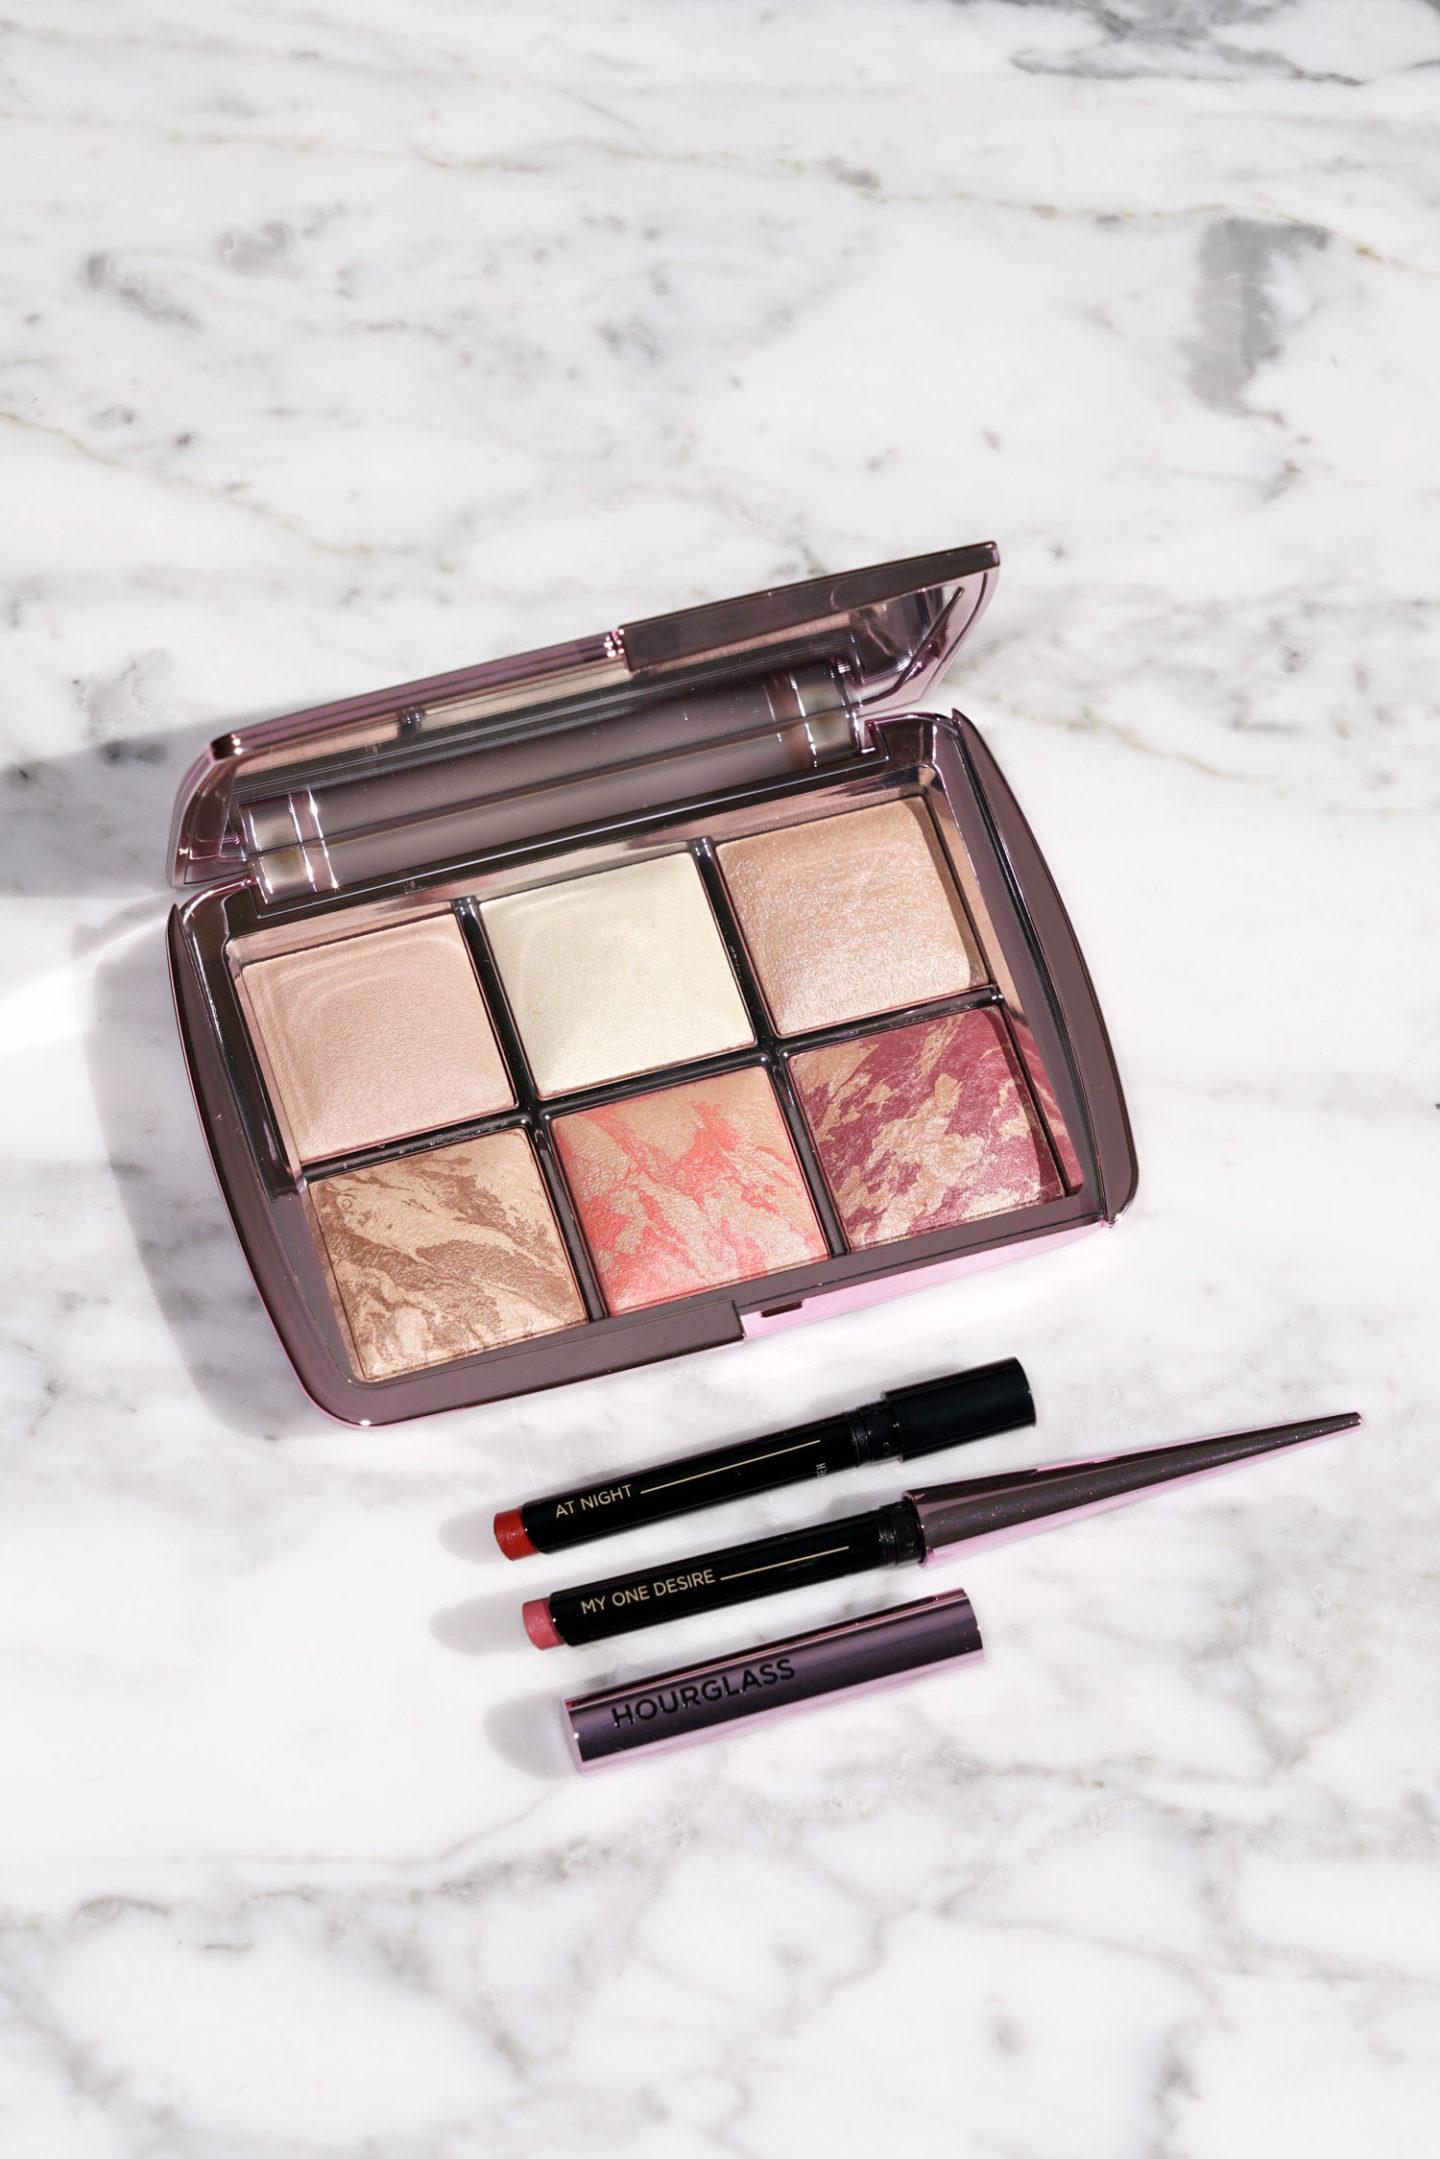 Sablier Ambient Lighting Edit Palette Vol 4 et Confession Duo Lipstick Duo Review + Swatches